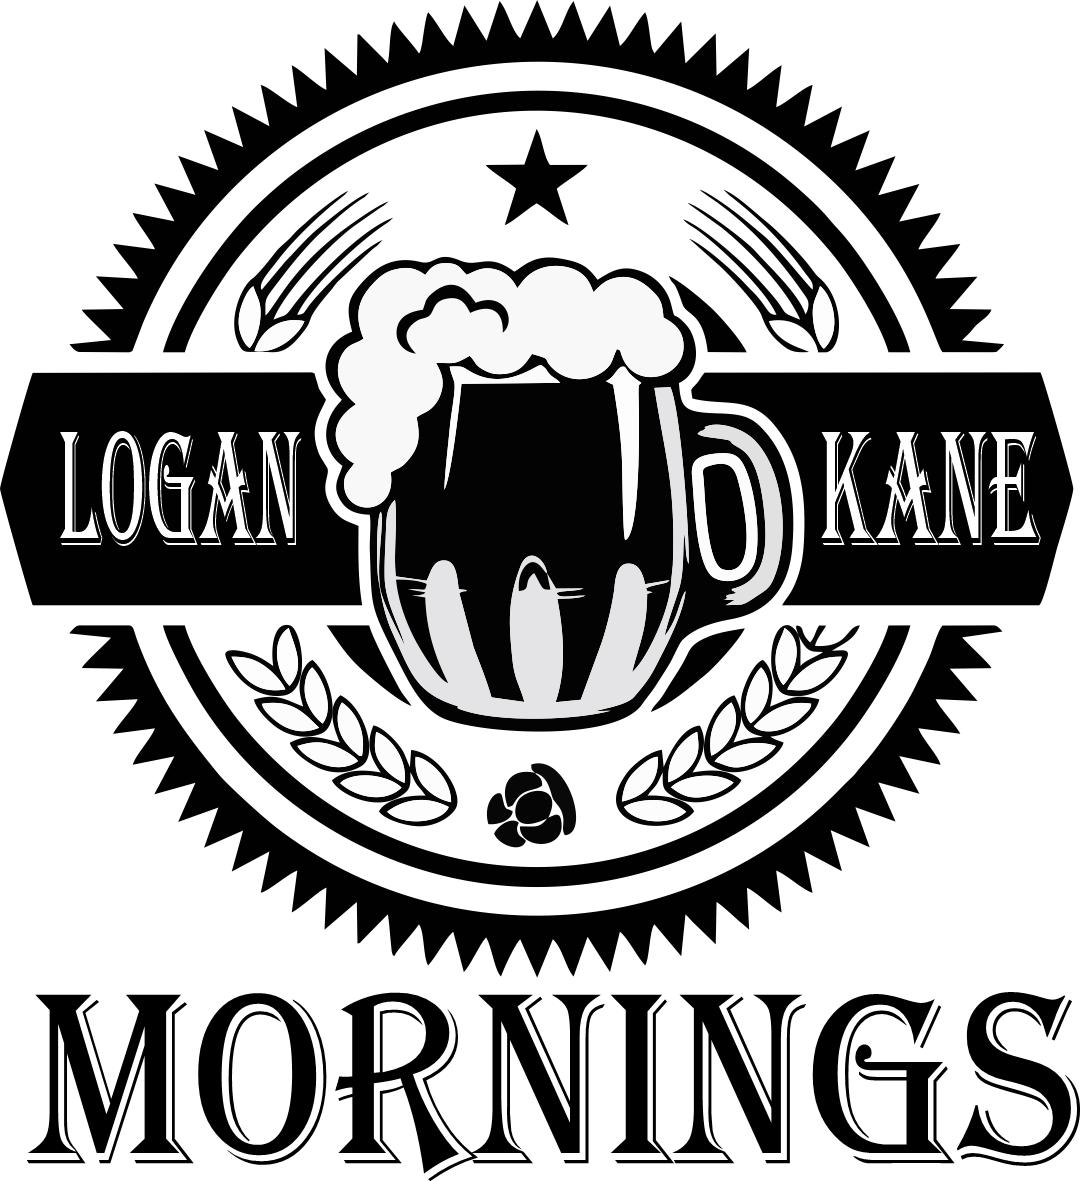 Logan Kane